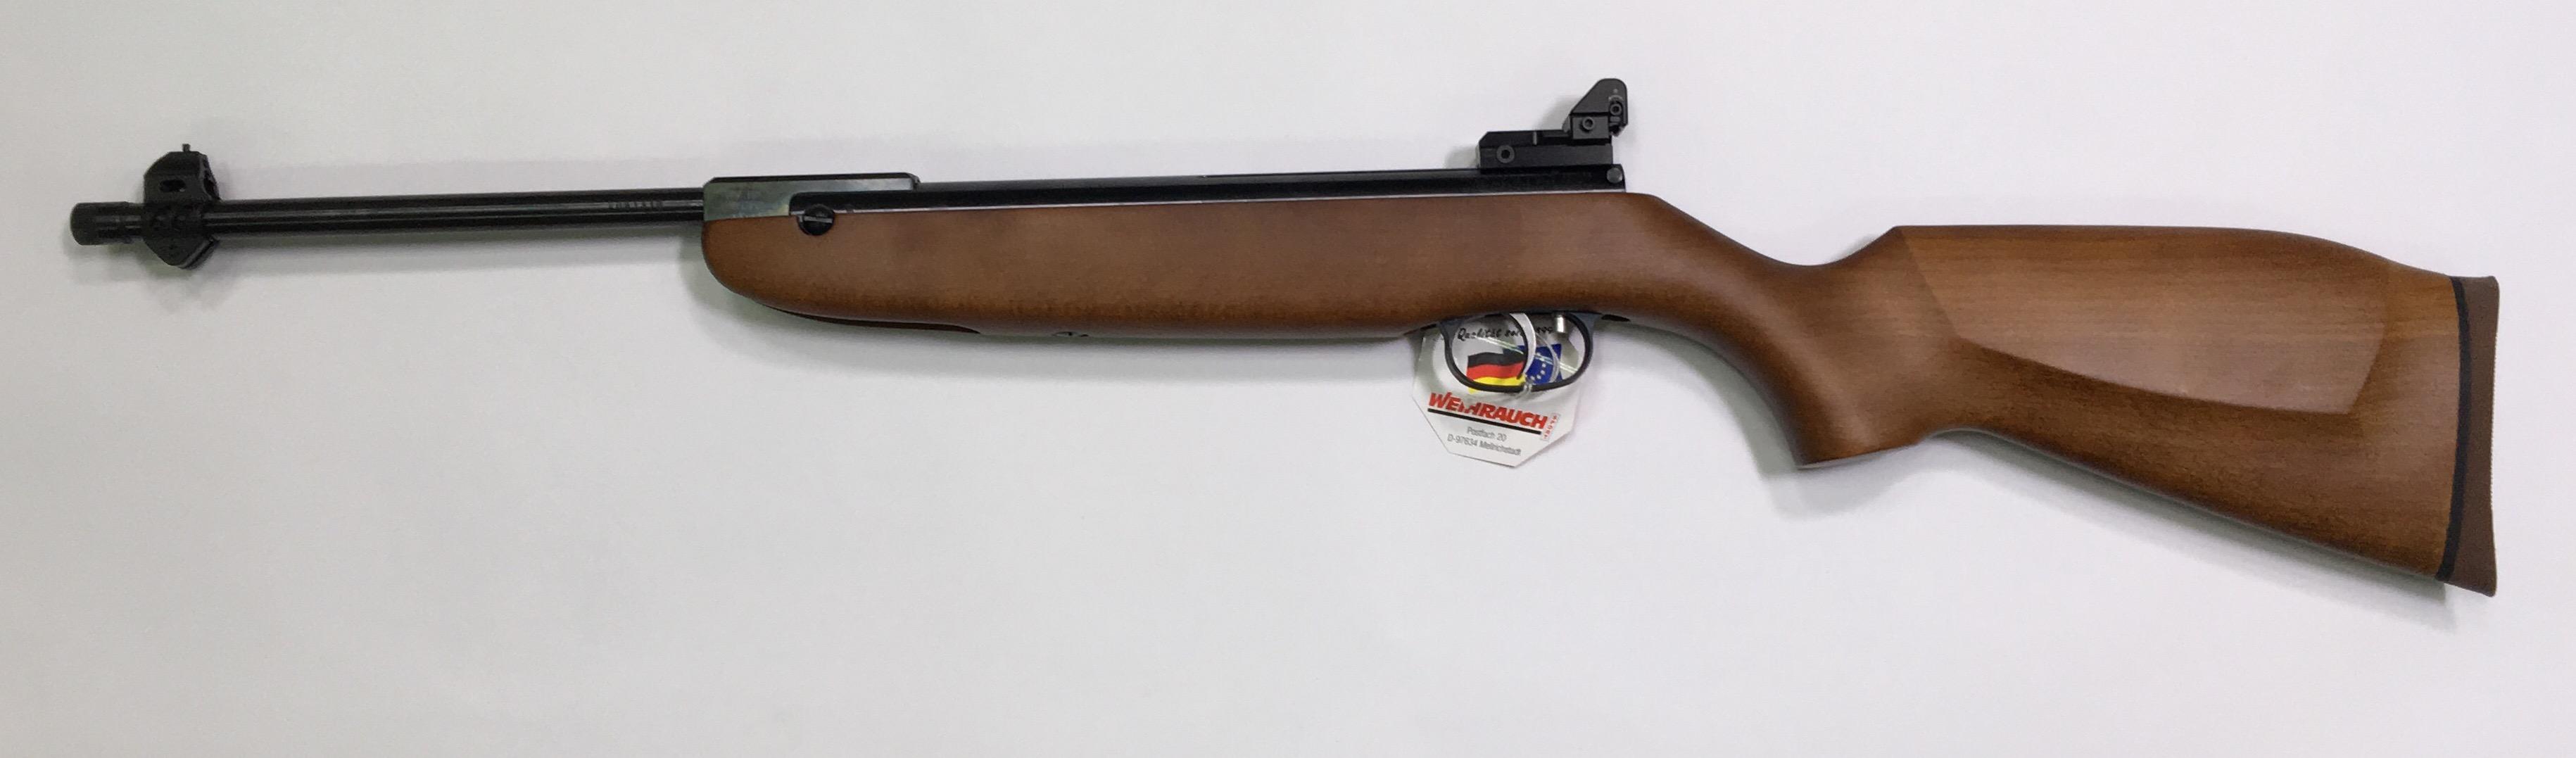 Für das Luftgewehr Modell 30 kann ich auch eine Versicherung mit Lochkimme anbieten.